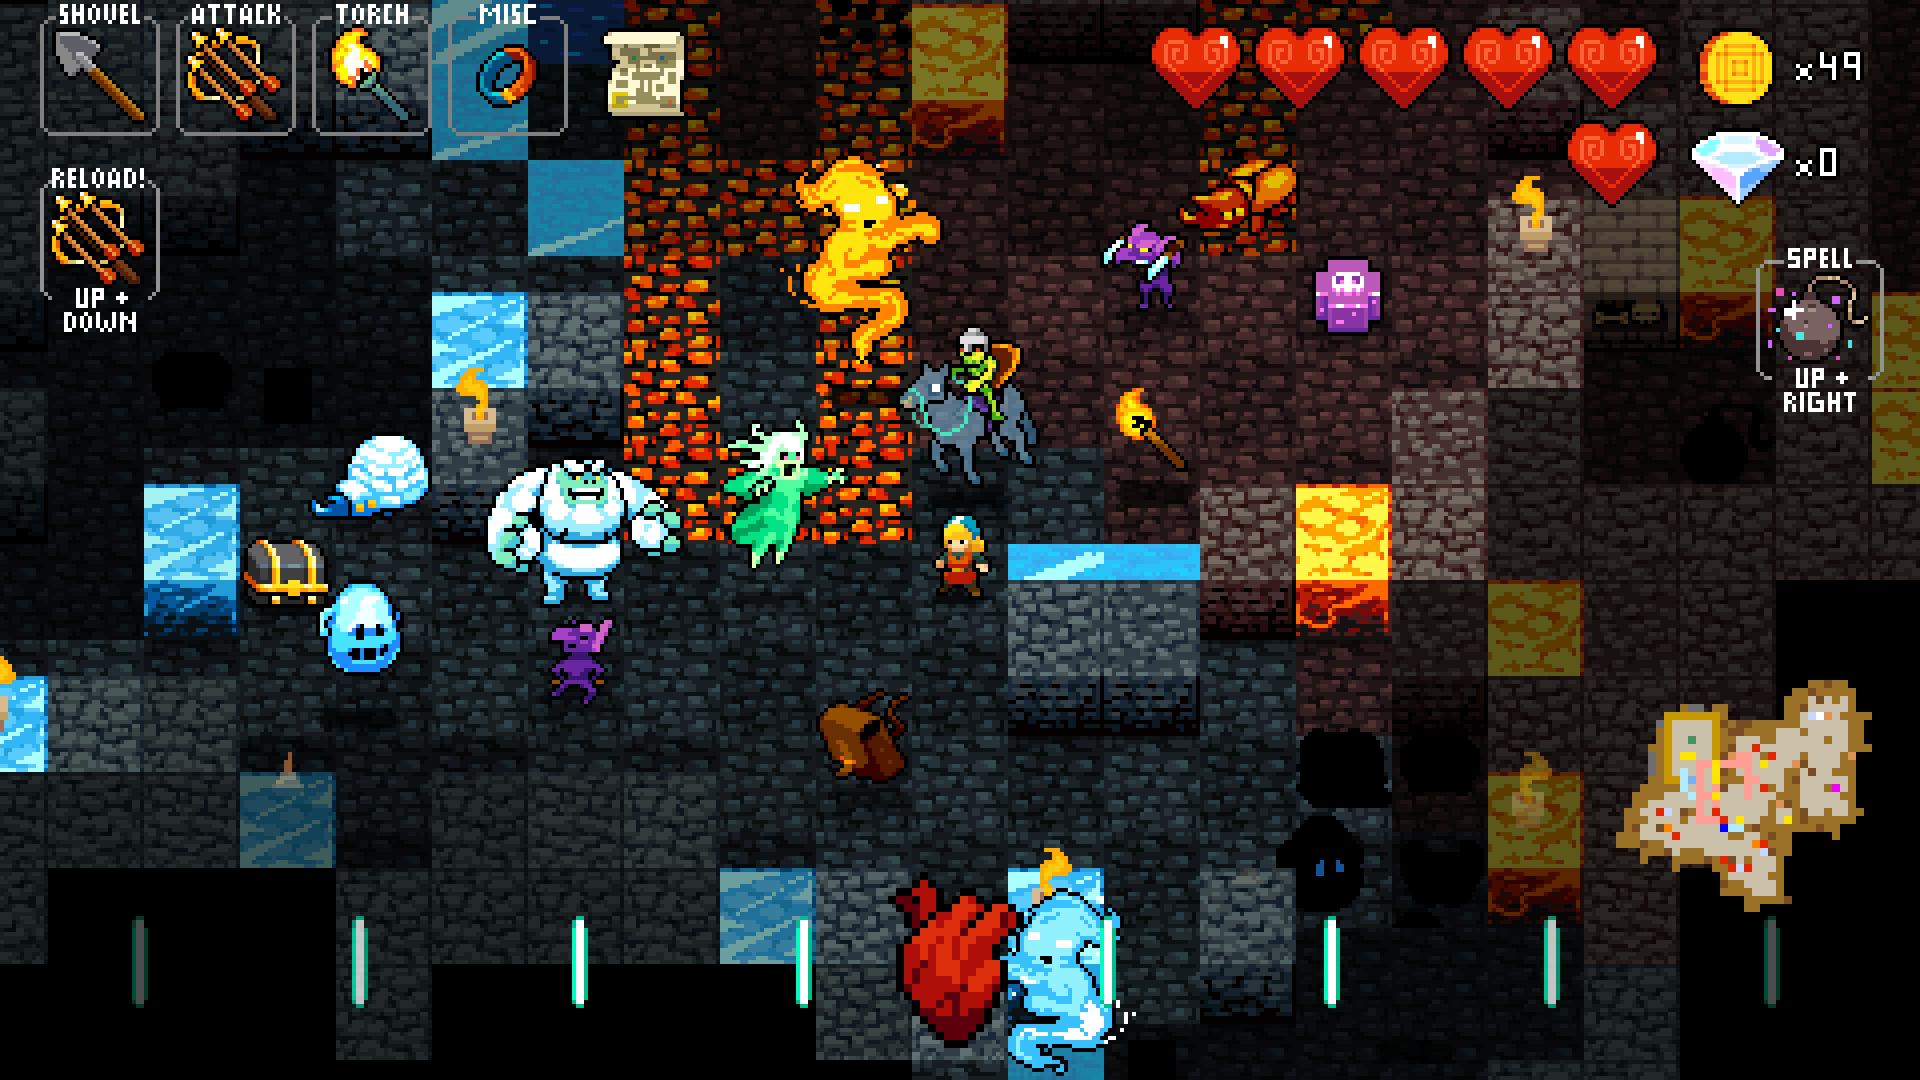 Crypt of the NecroDancer screenshot 12